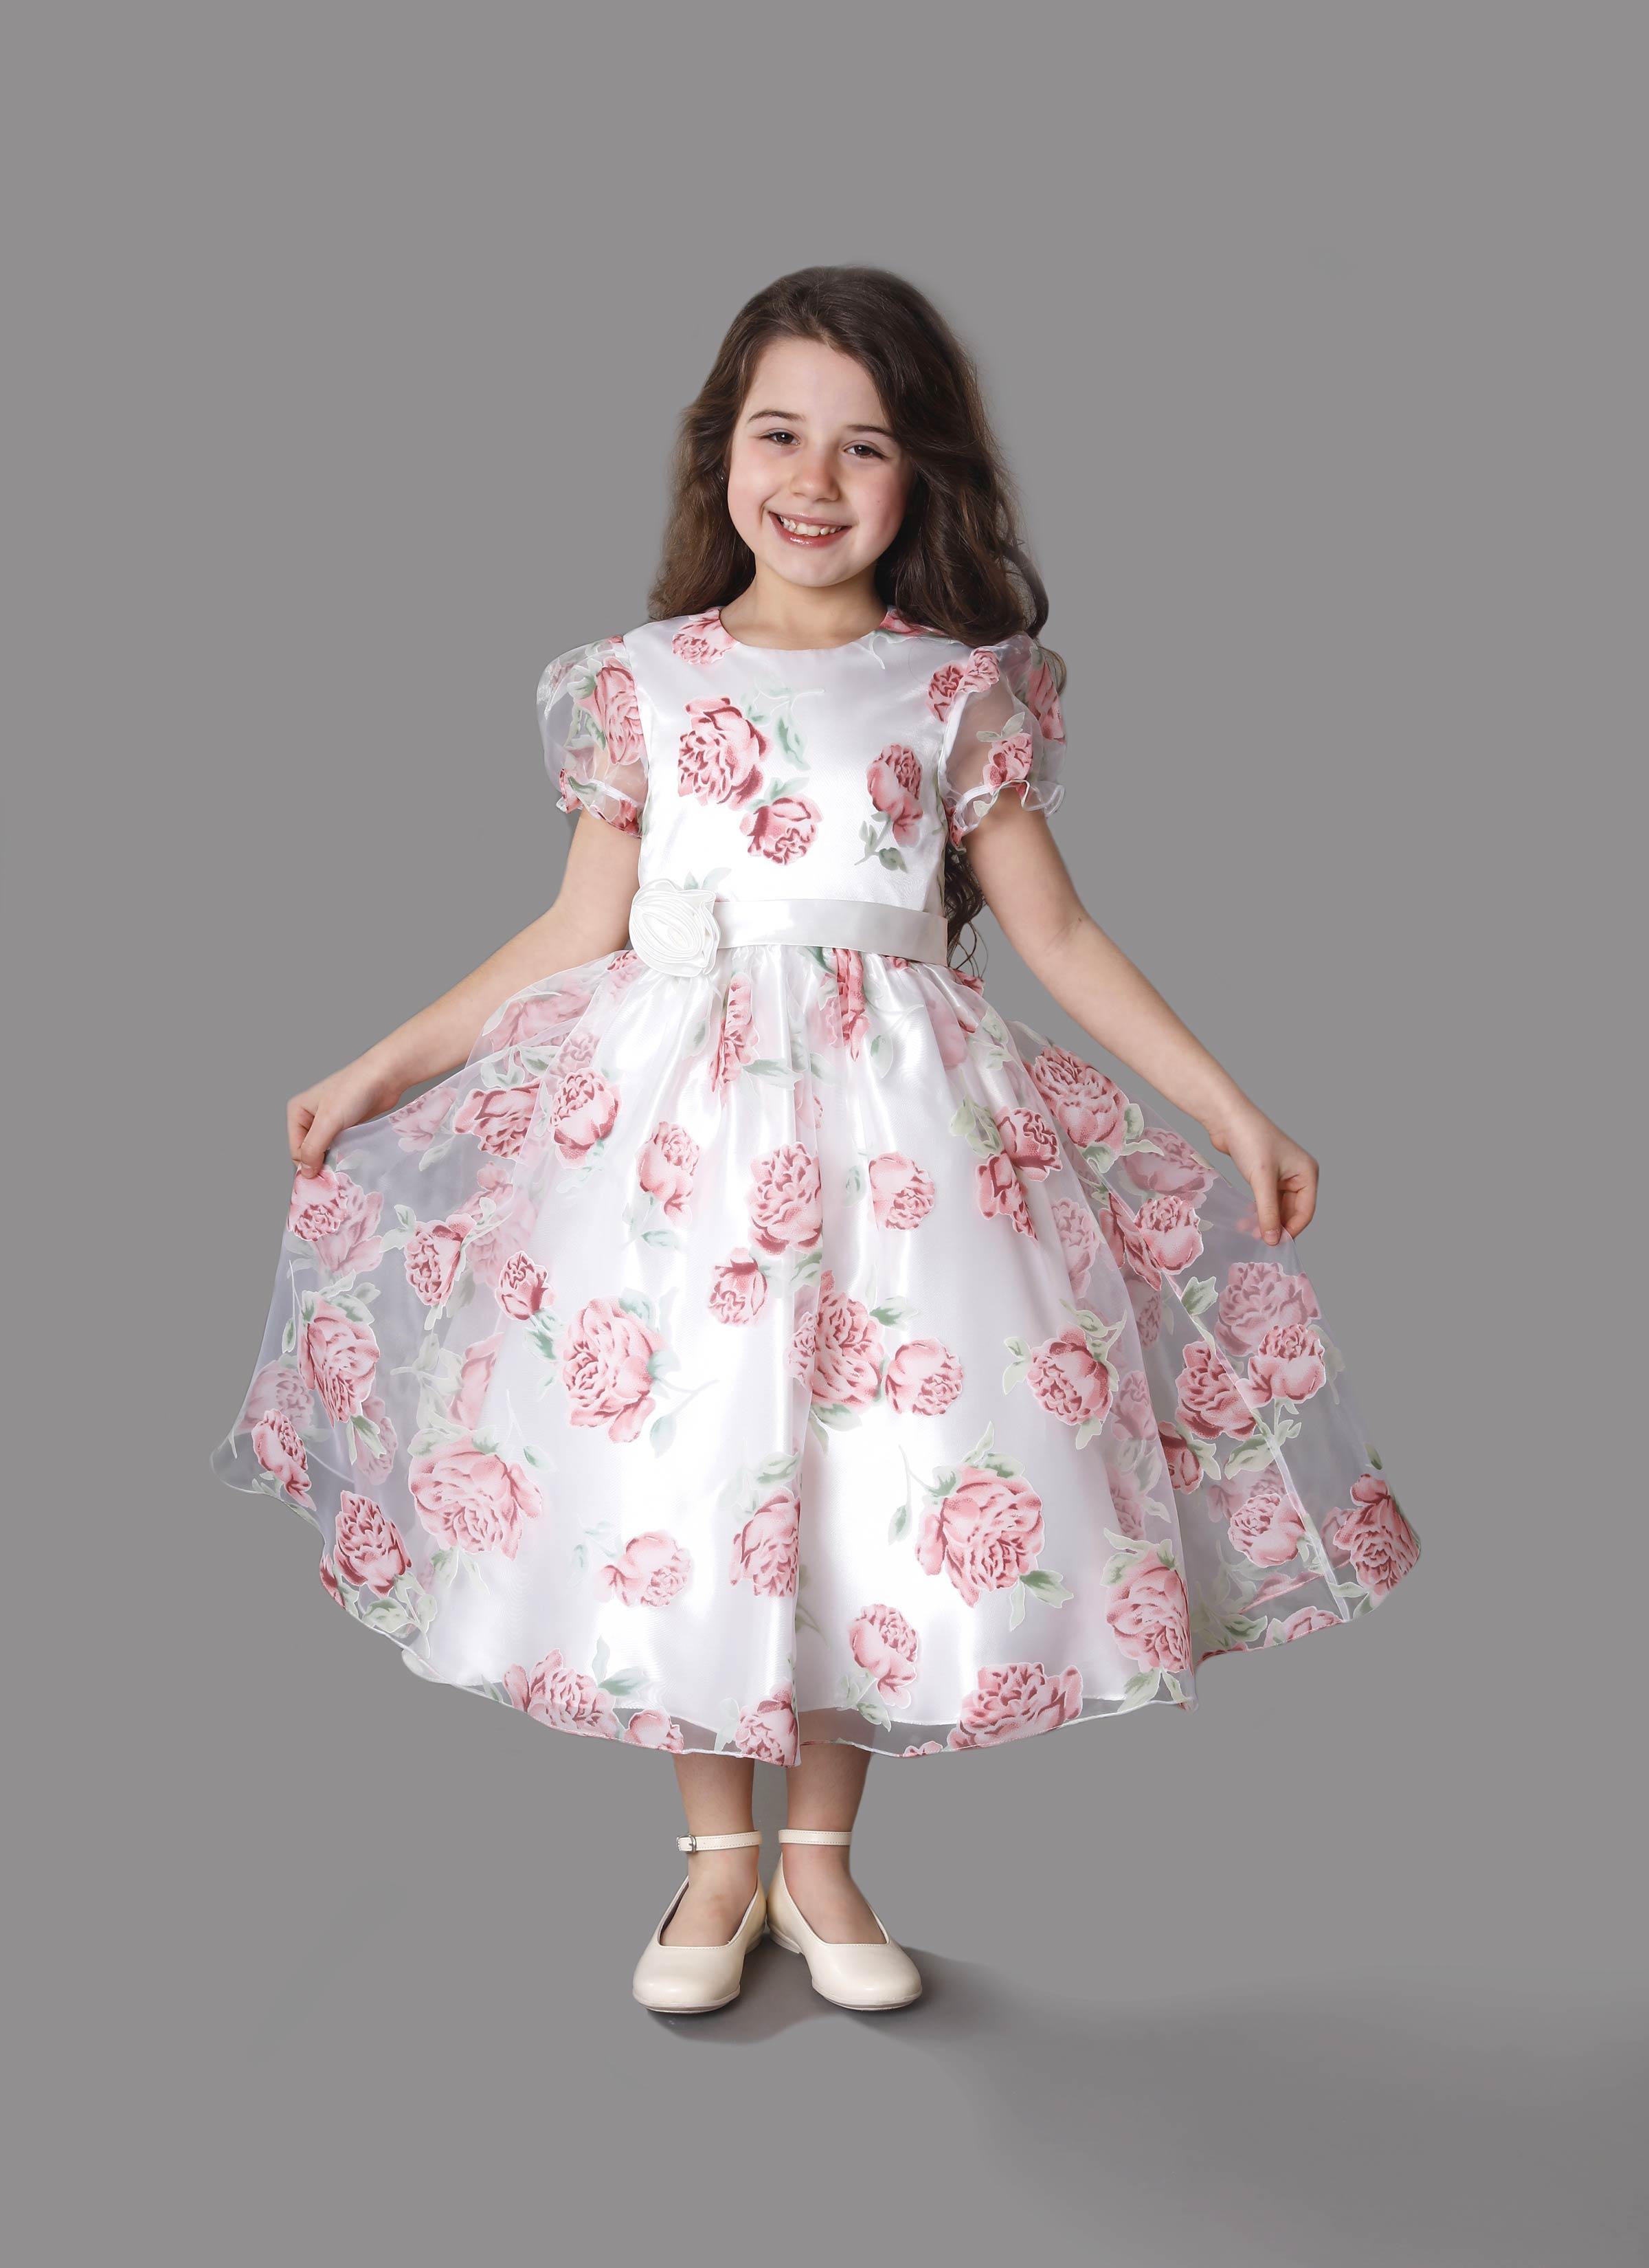 new arrival 57f90 5b1cd Atelier Mariella Gennarin | Abito da cerimonia per bambina rosa